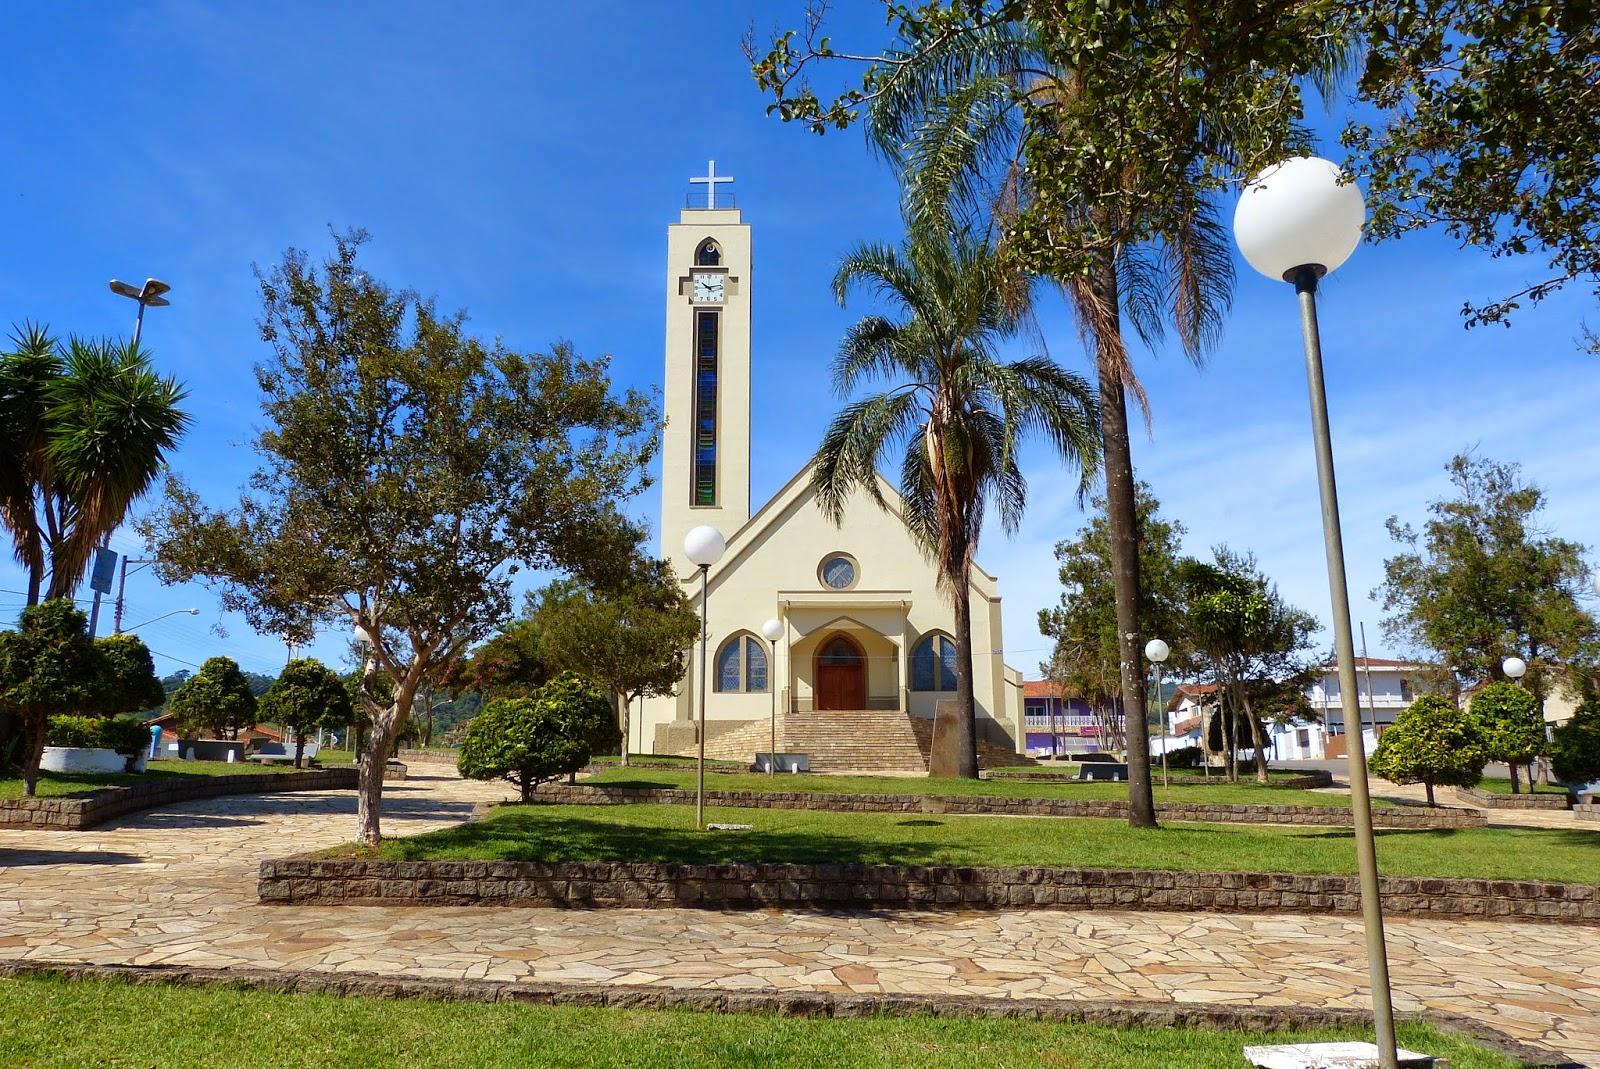 Igreja de São Sebastião em Itapeva MG